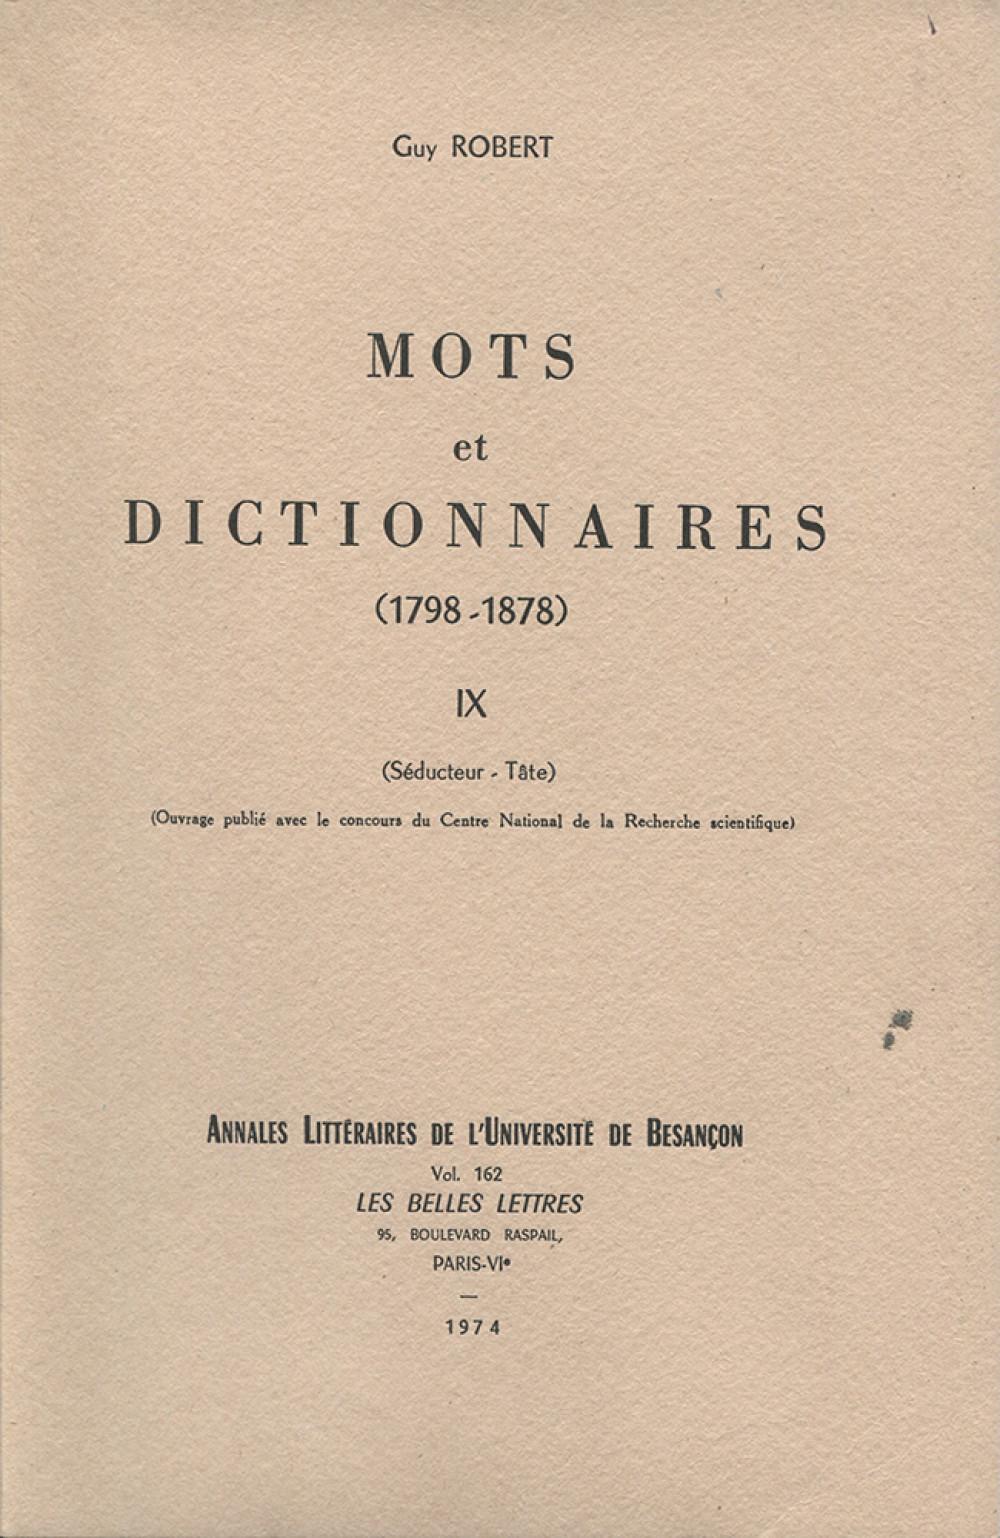 Mots et dictionnaires IX (1798-1878)